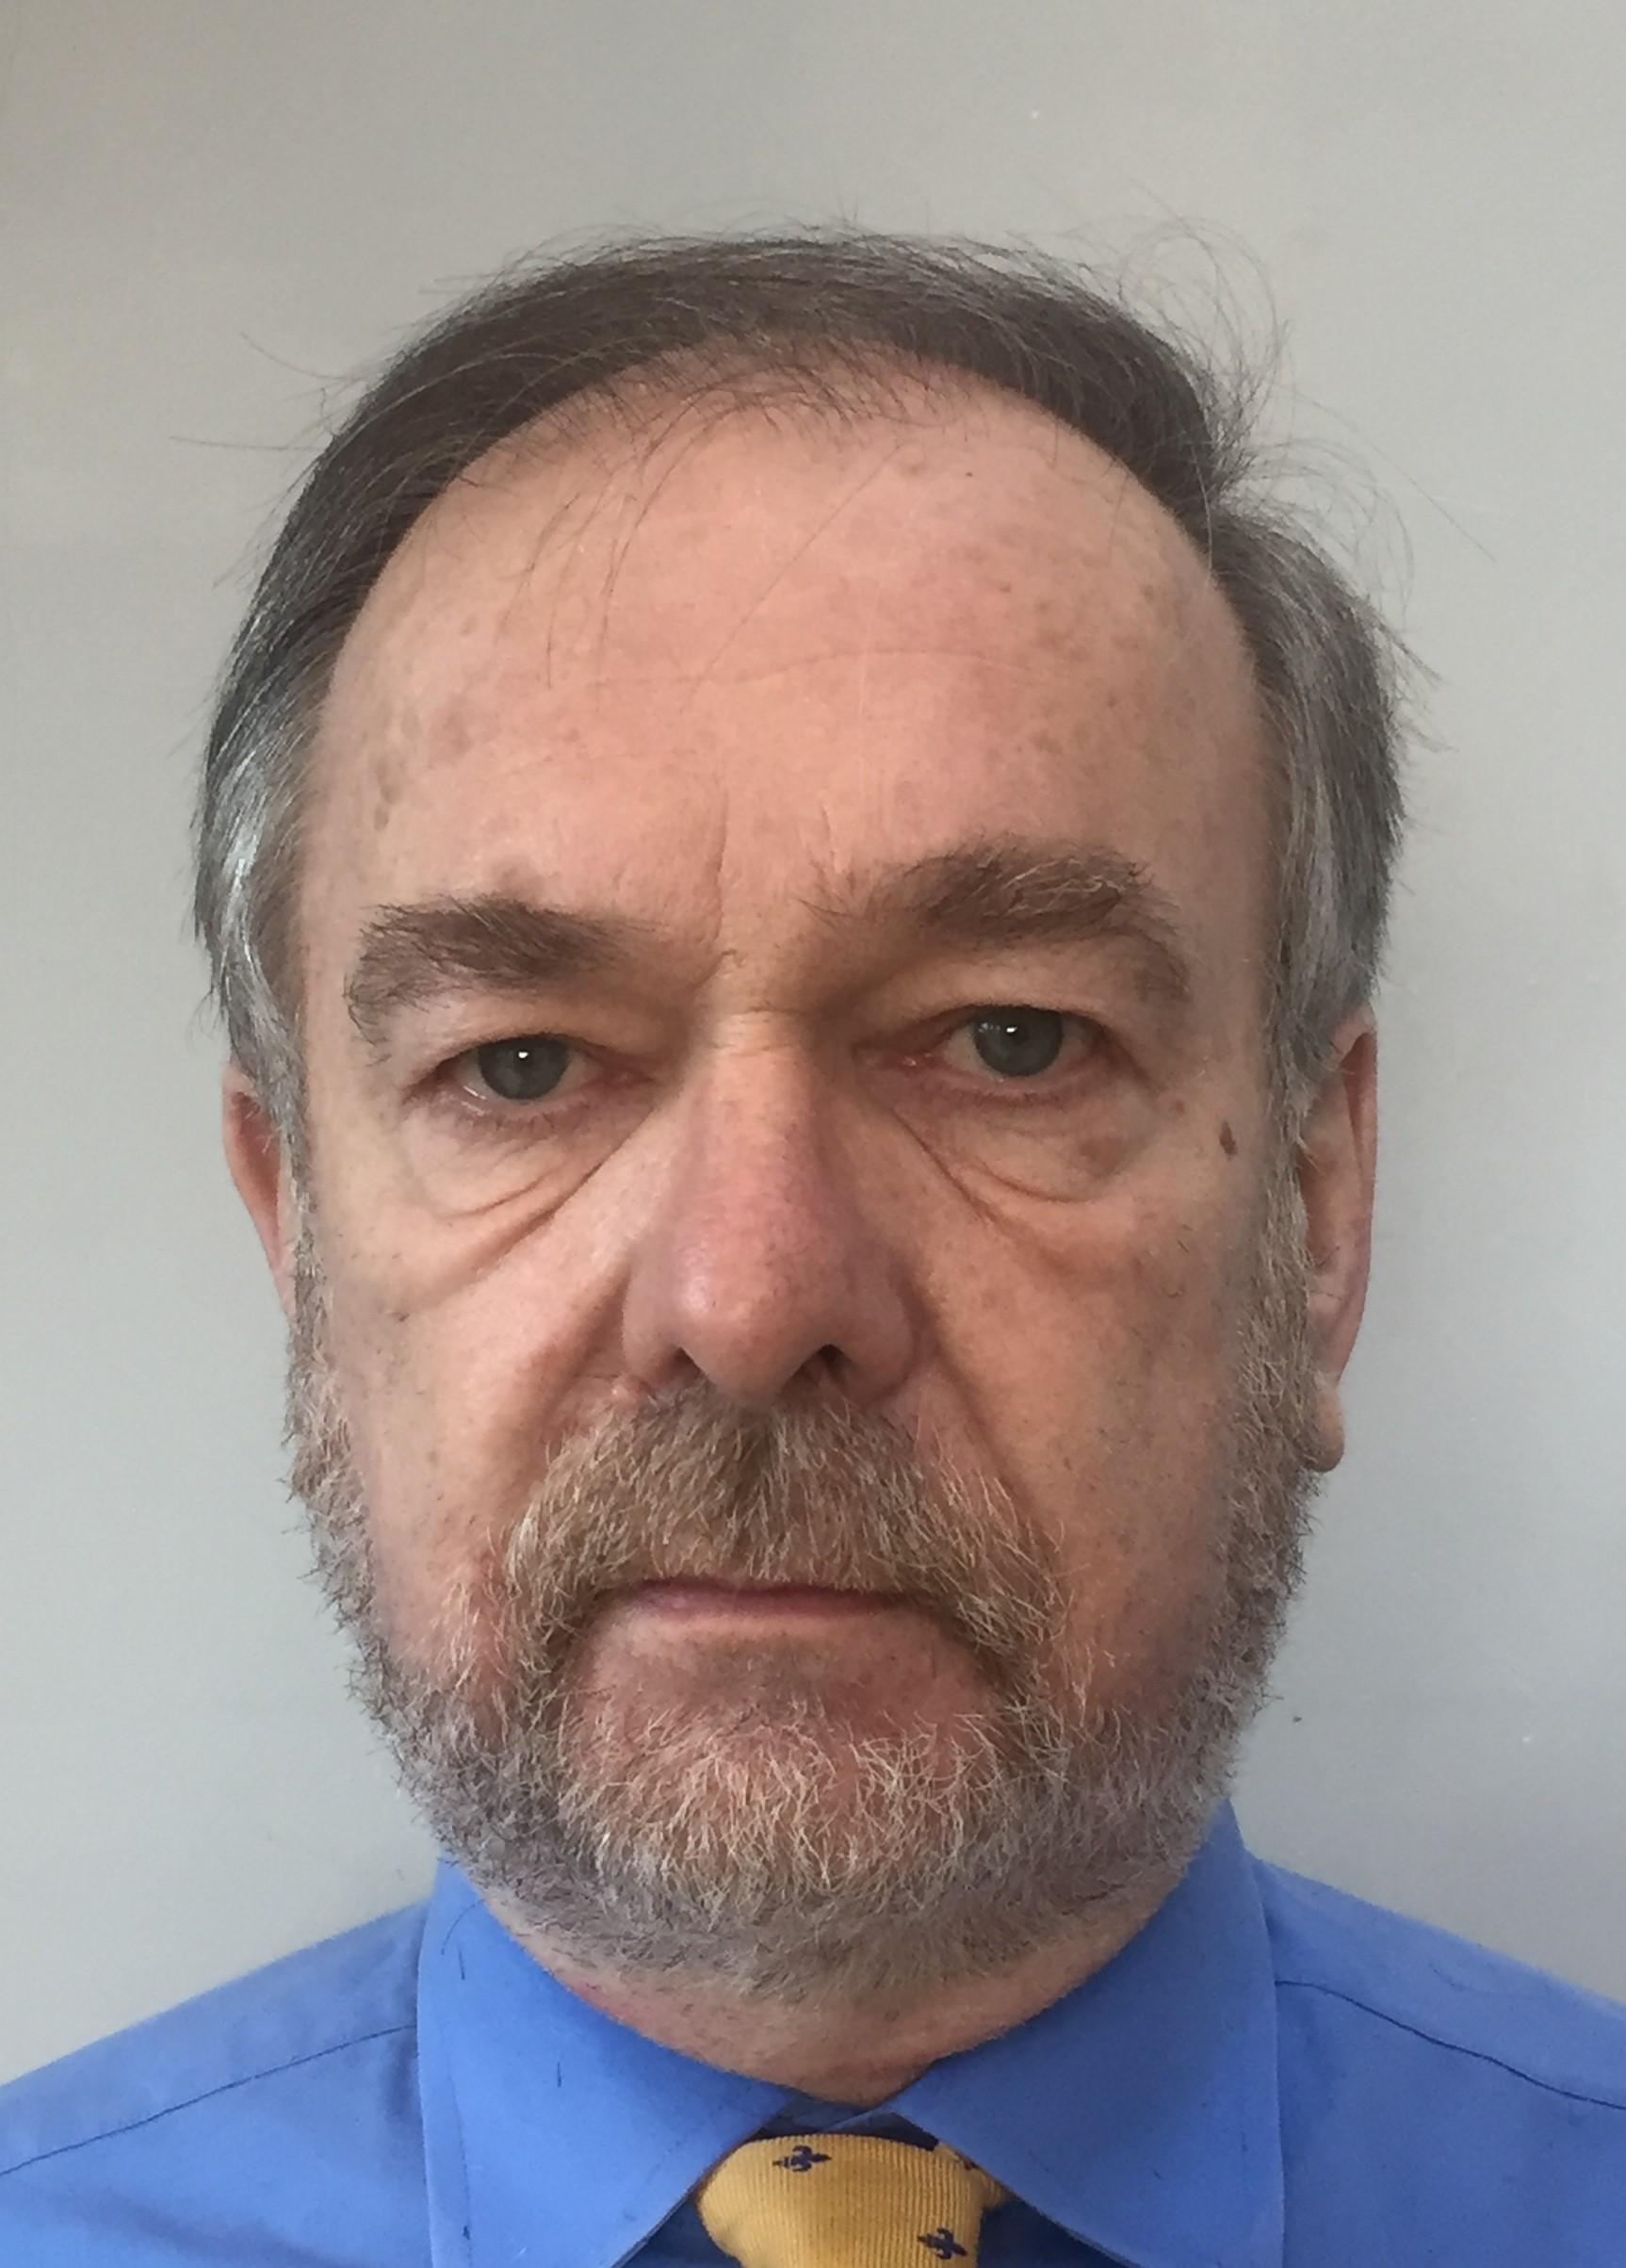 Peter Hewkin